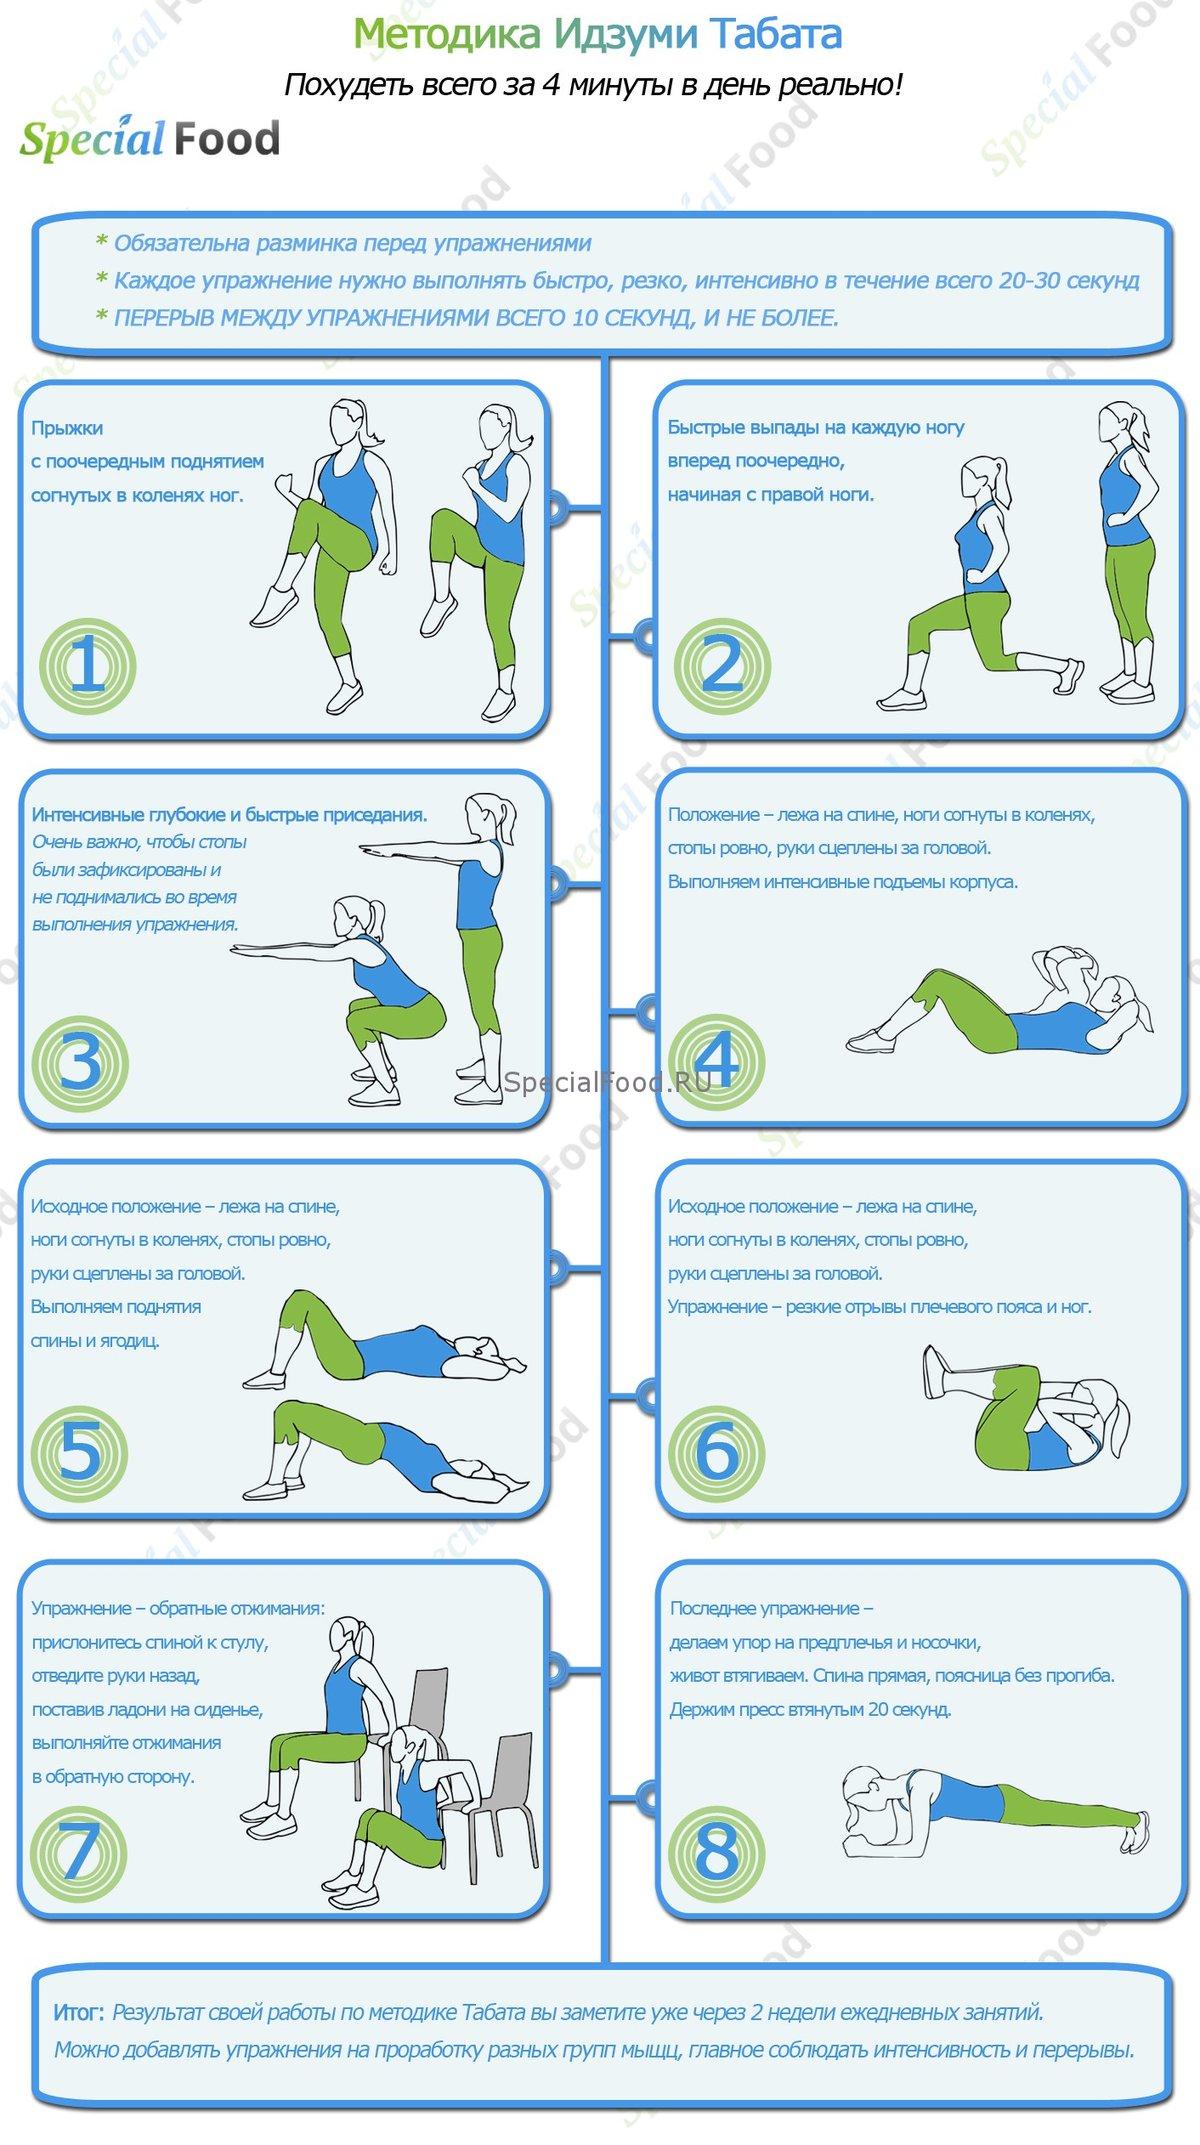 Методика упражнений похудения